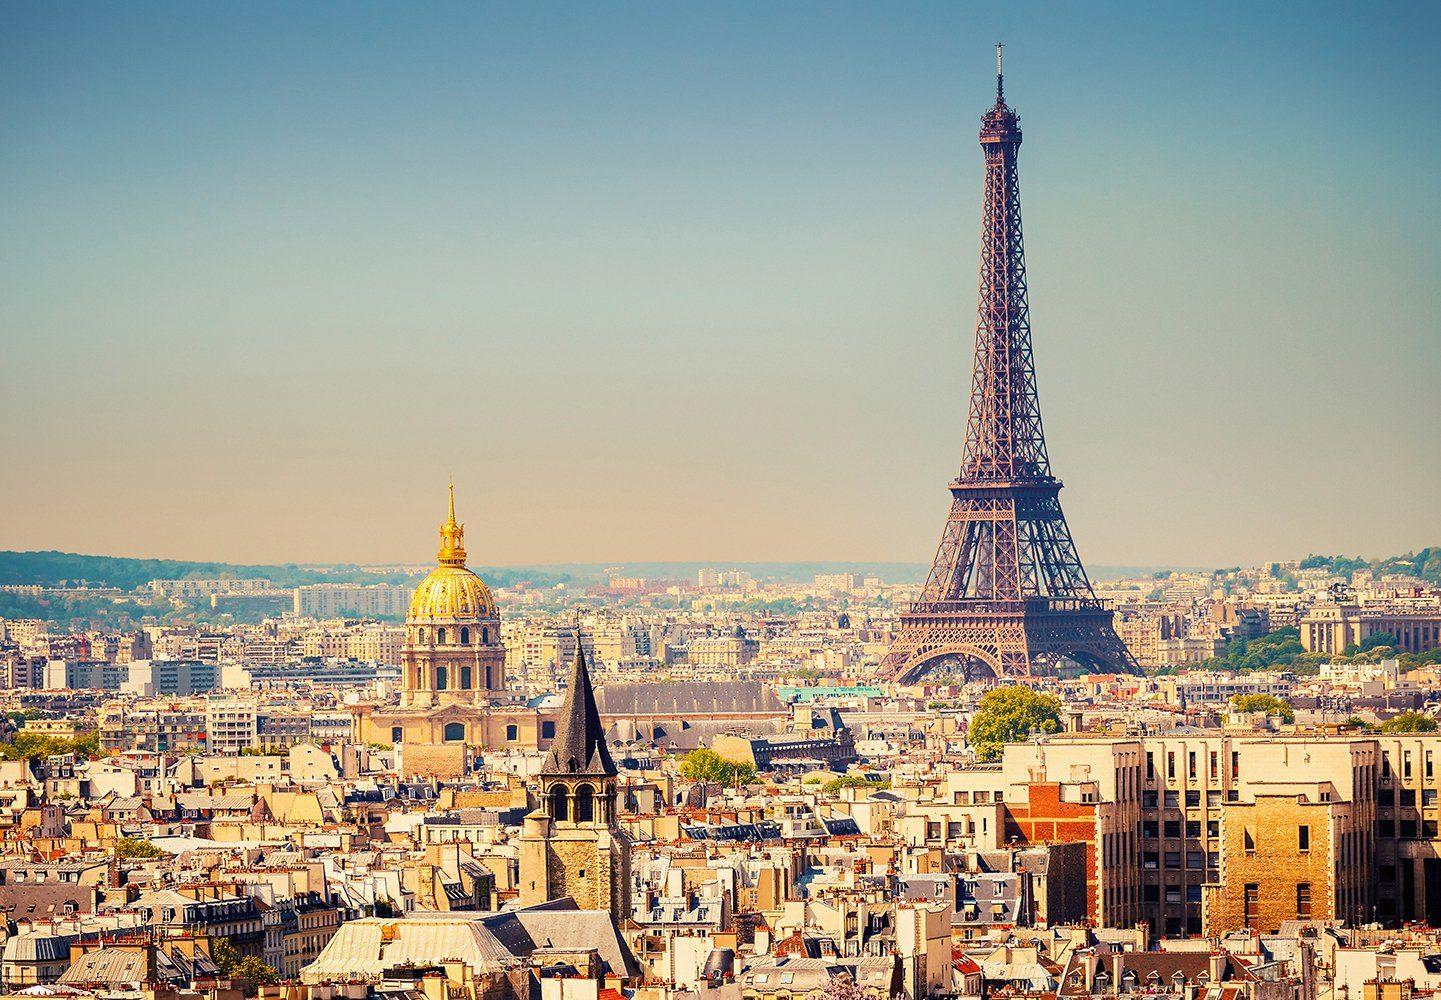 Vliestapete »Paris«, 366x254cm, 8-teilig